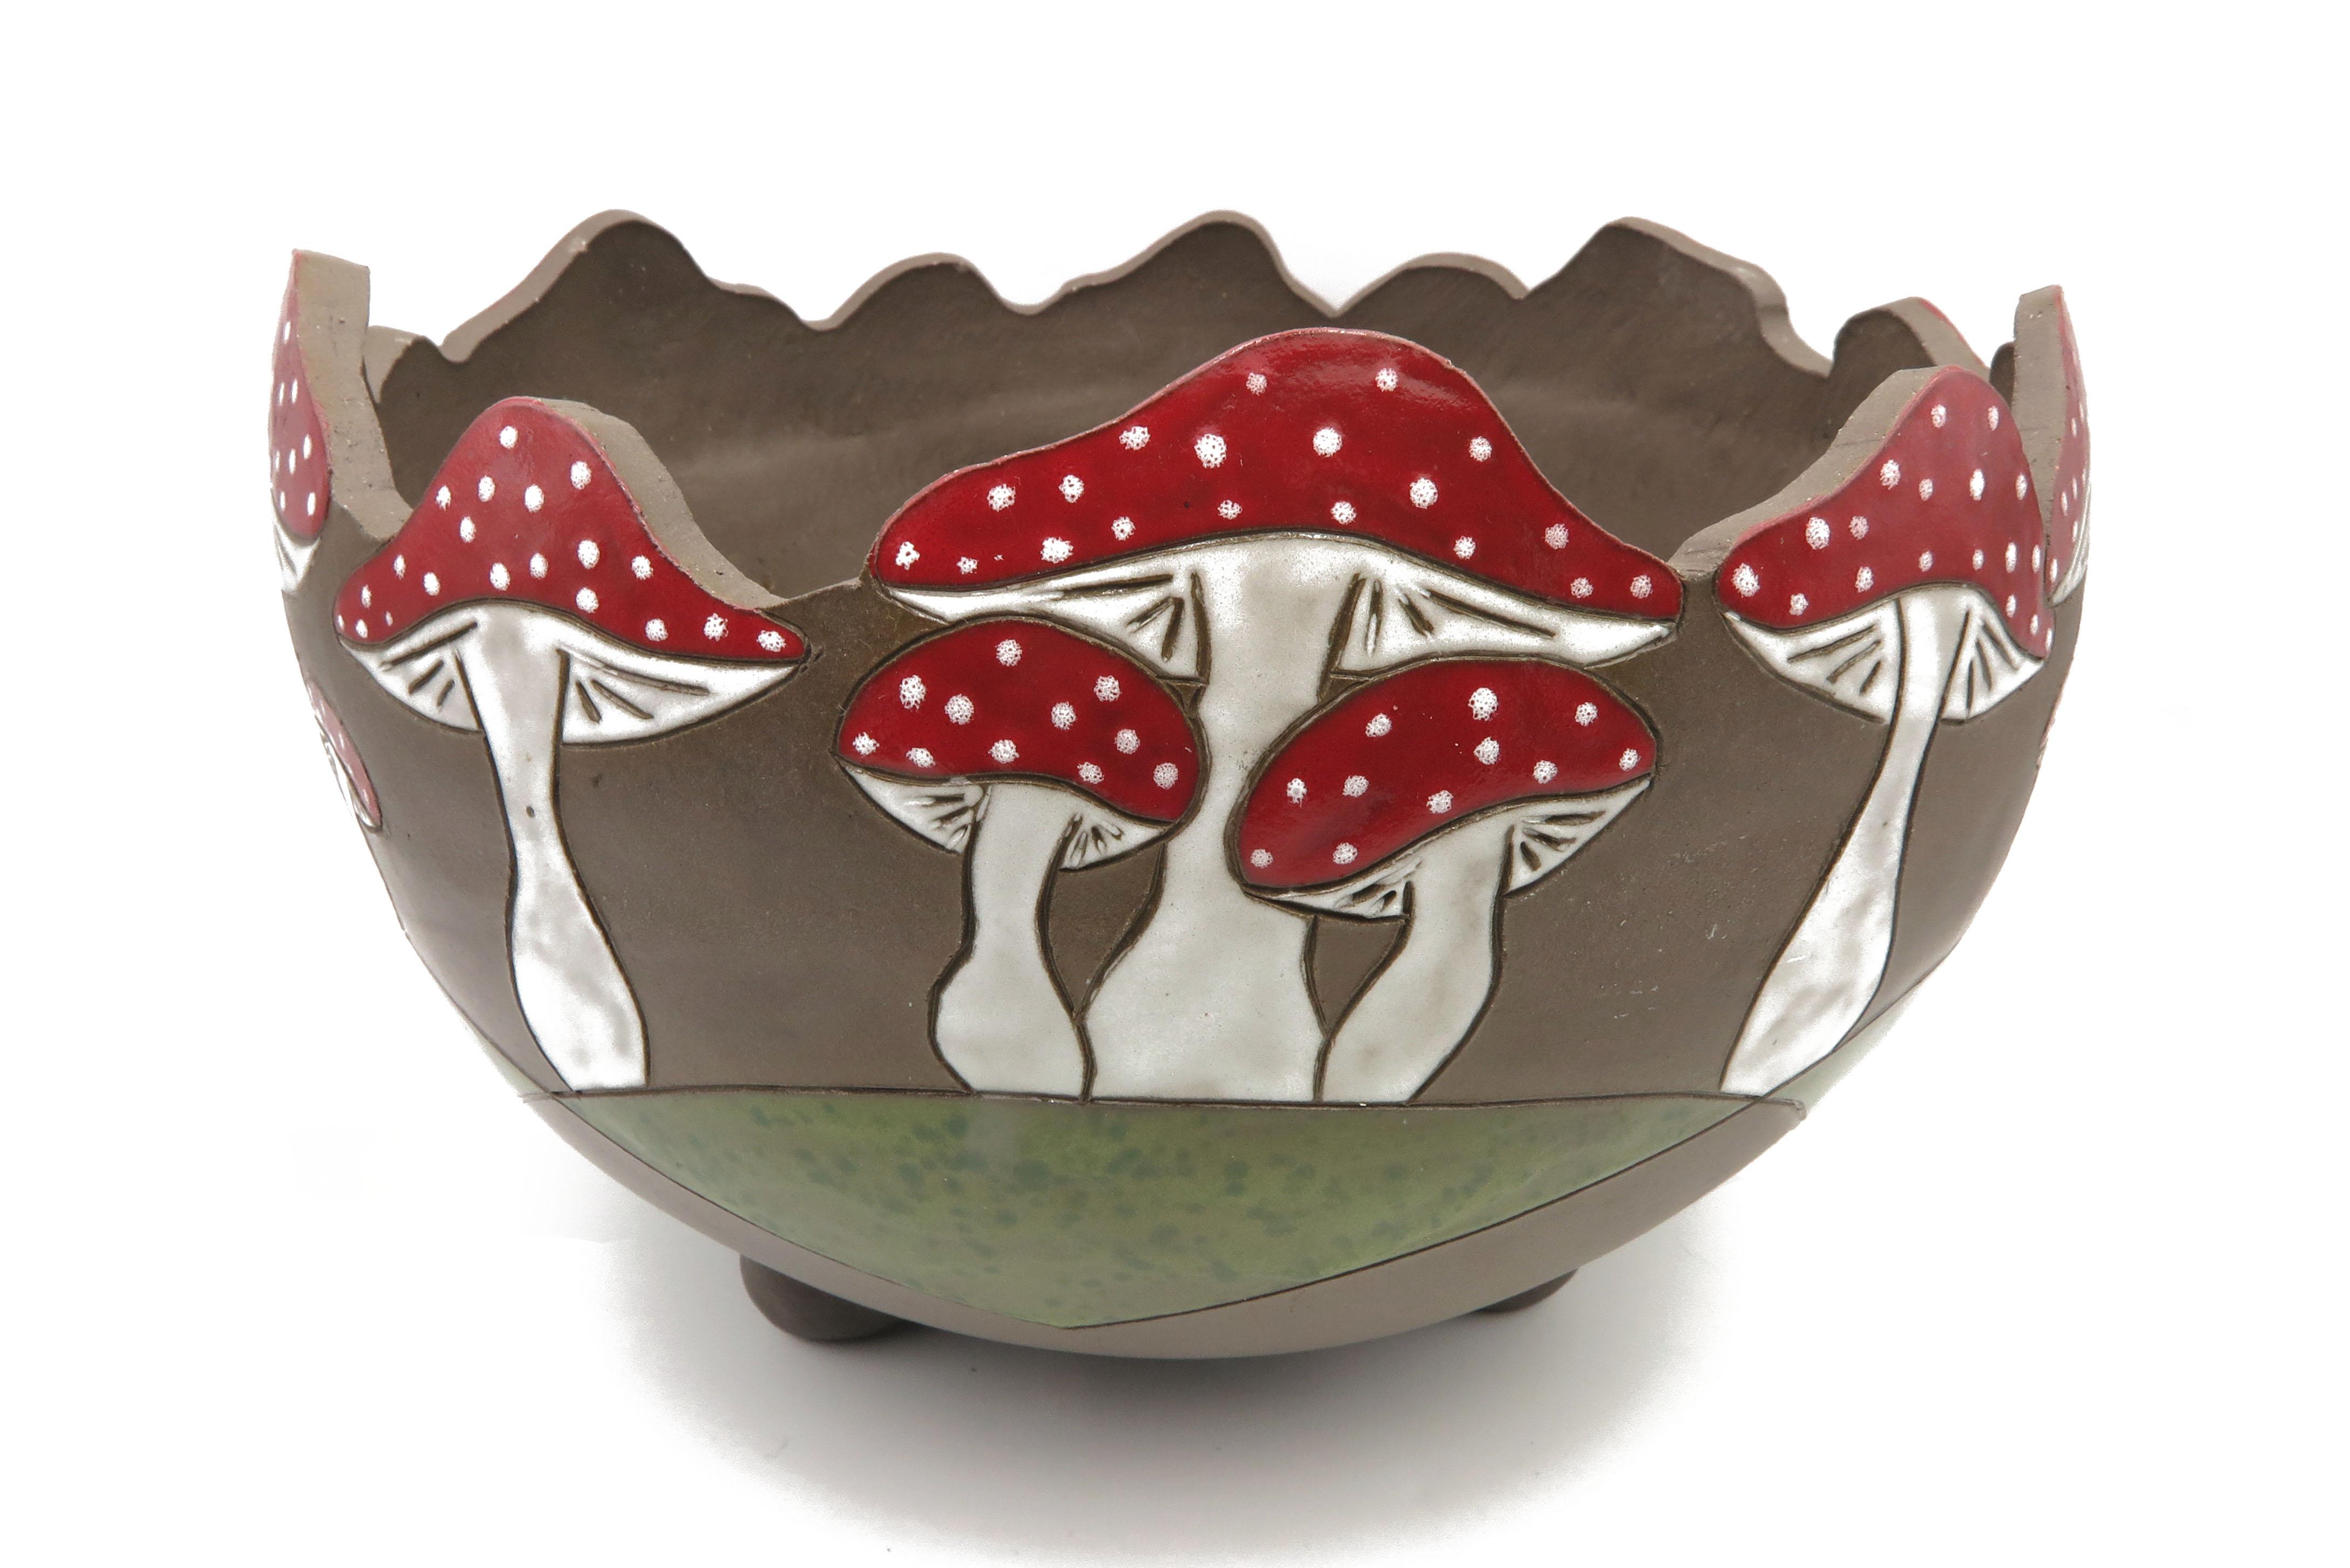 Pflanzgefäß Übertopf mit Pilzmotiv Keramik/   28cm x 18cm